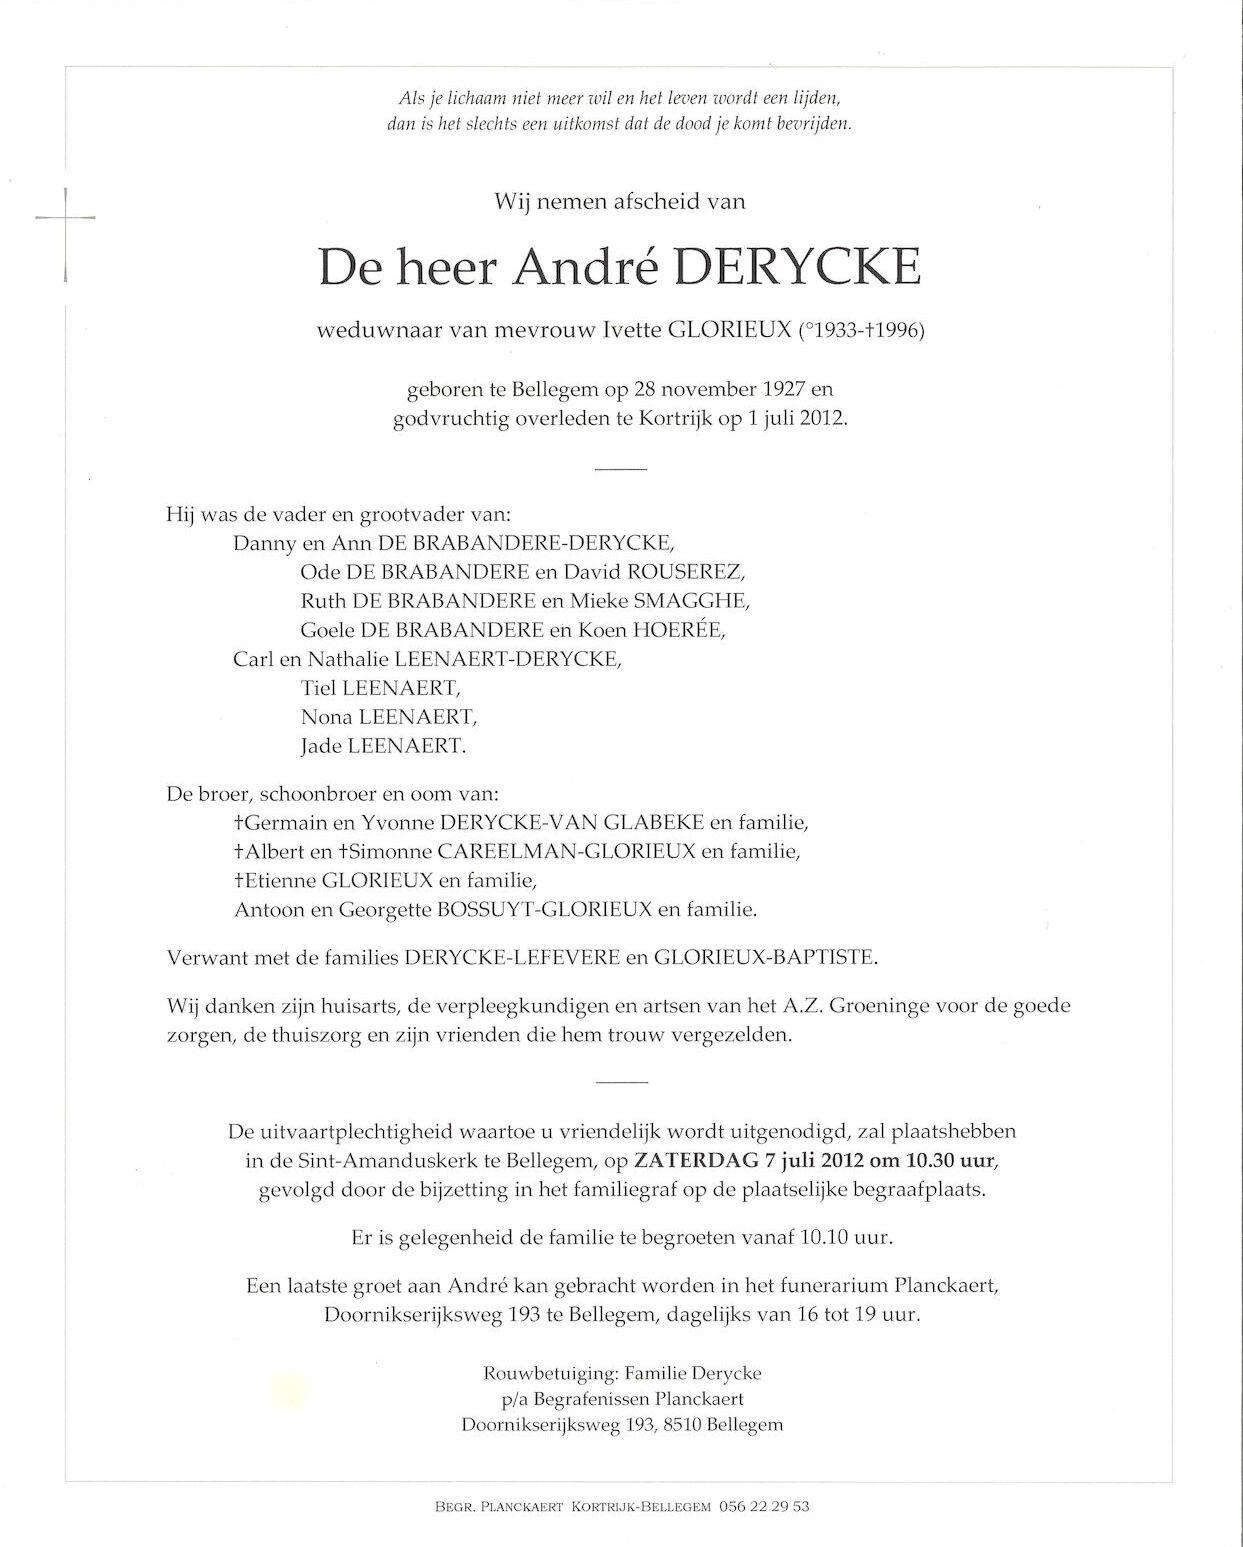 André Derycke